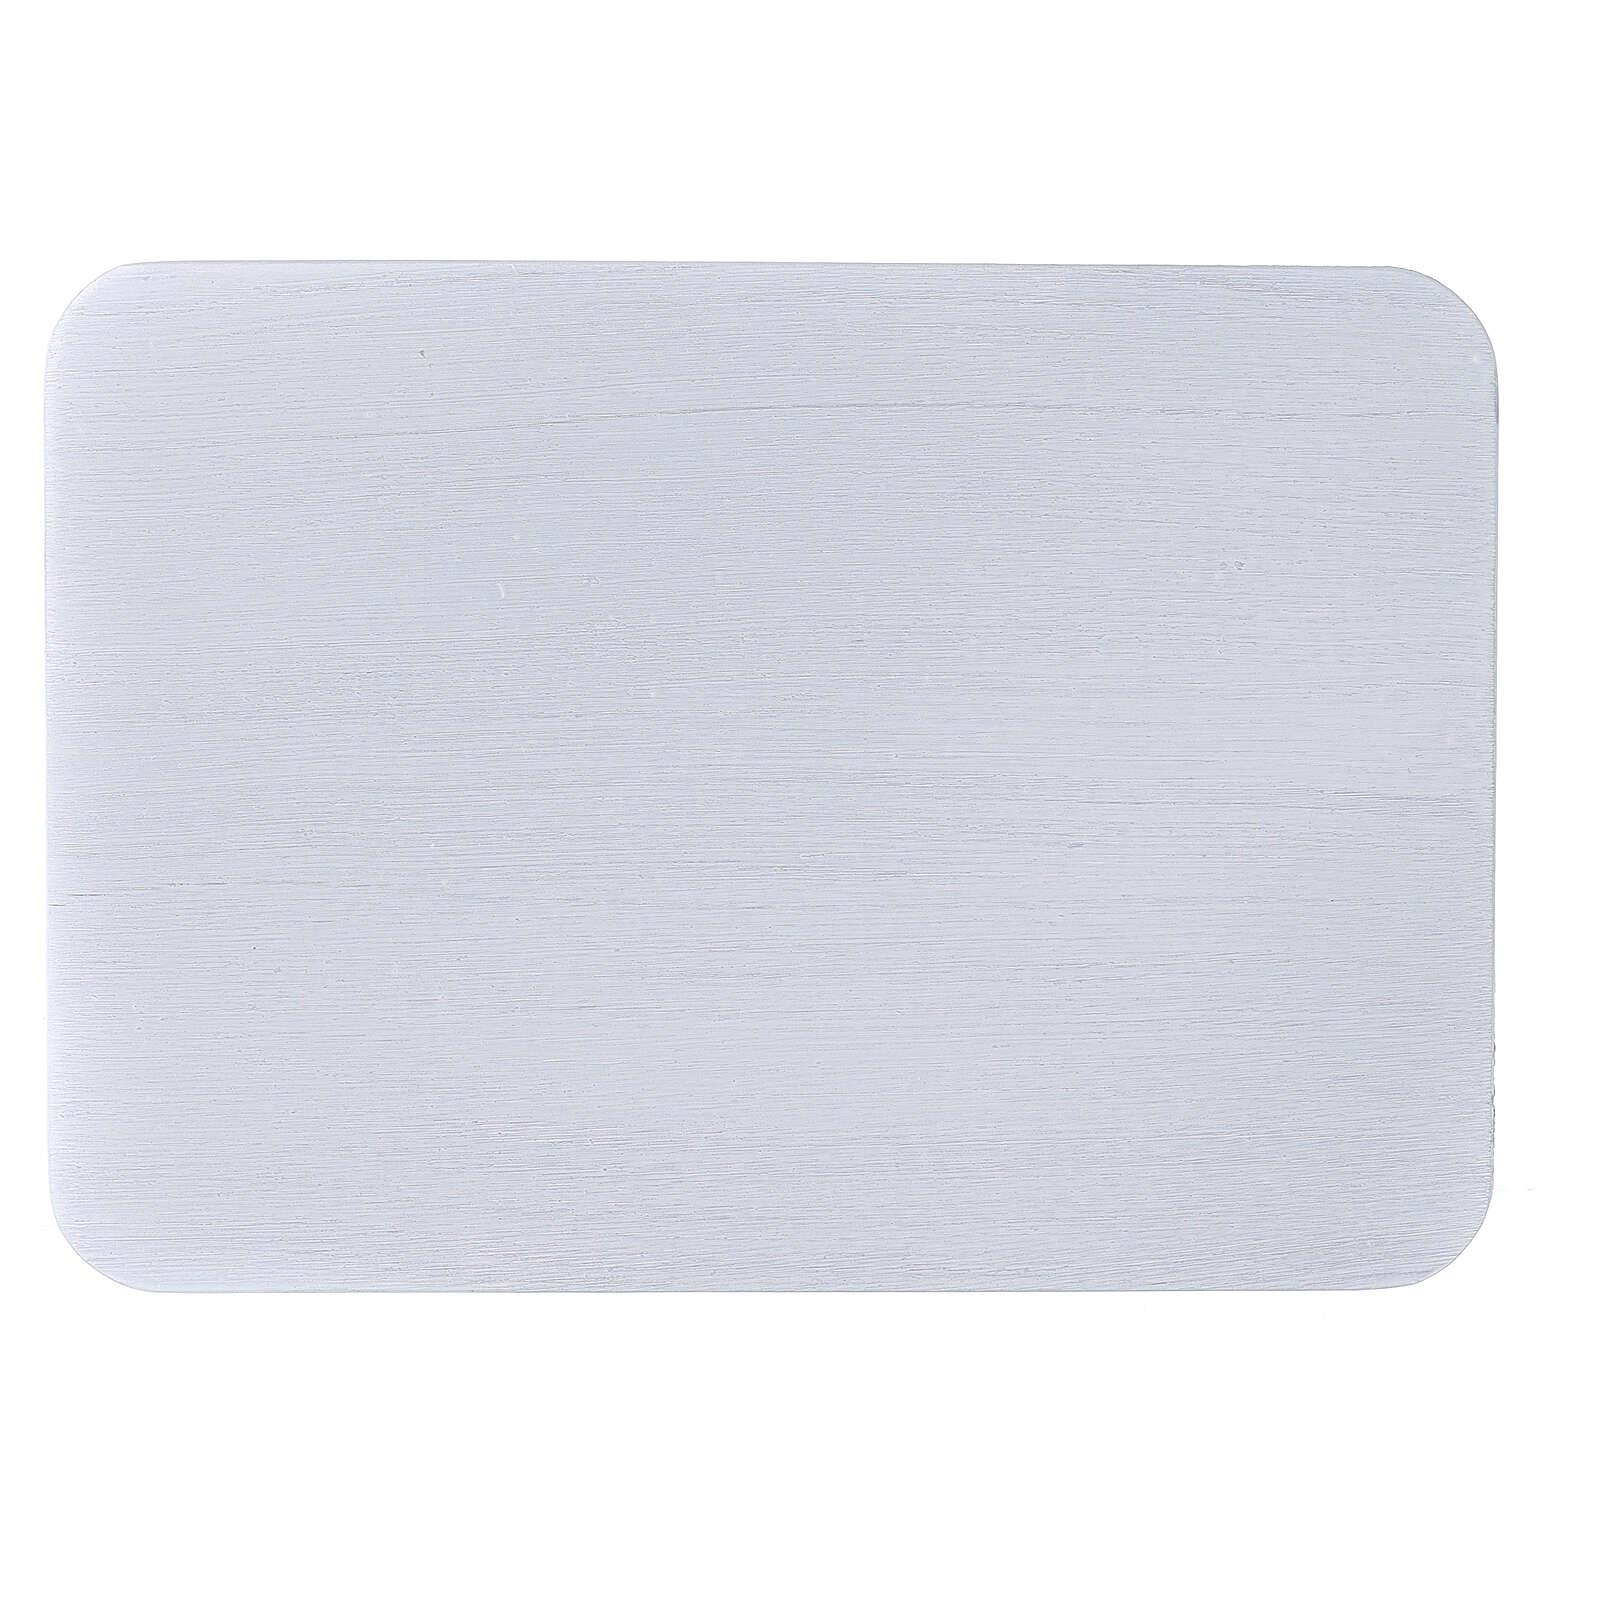 Plato portacirio aluminio cepillado 17x12 cm rectangular 3